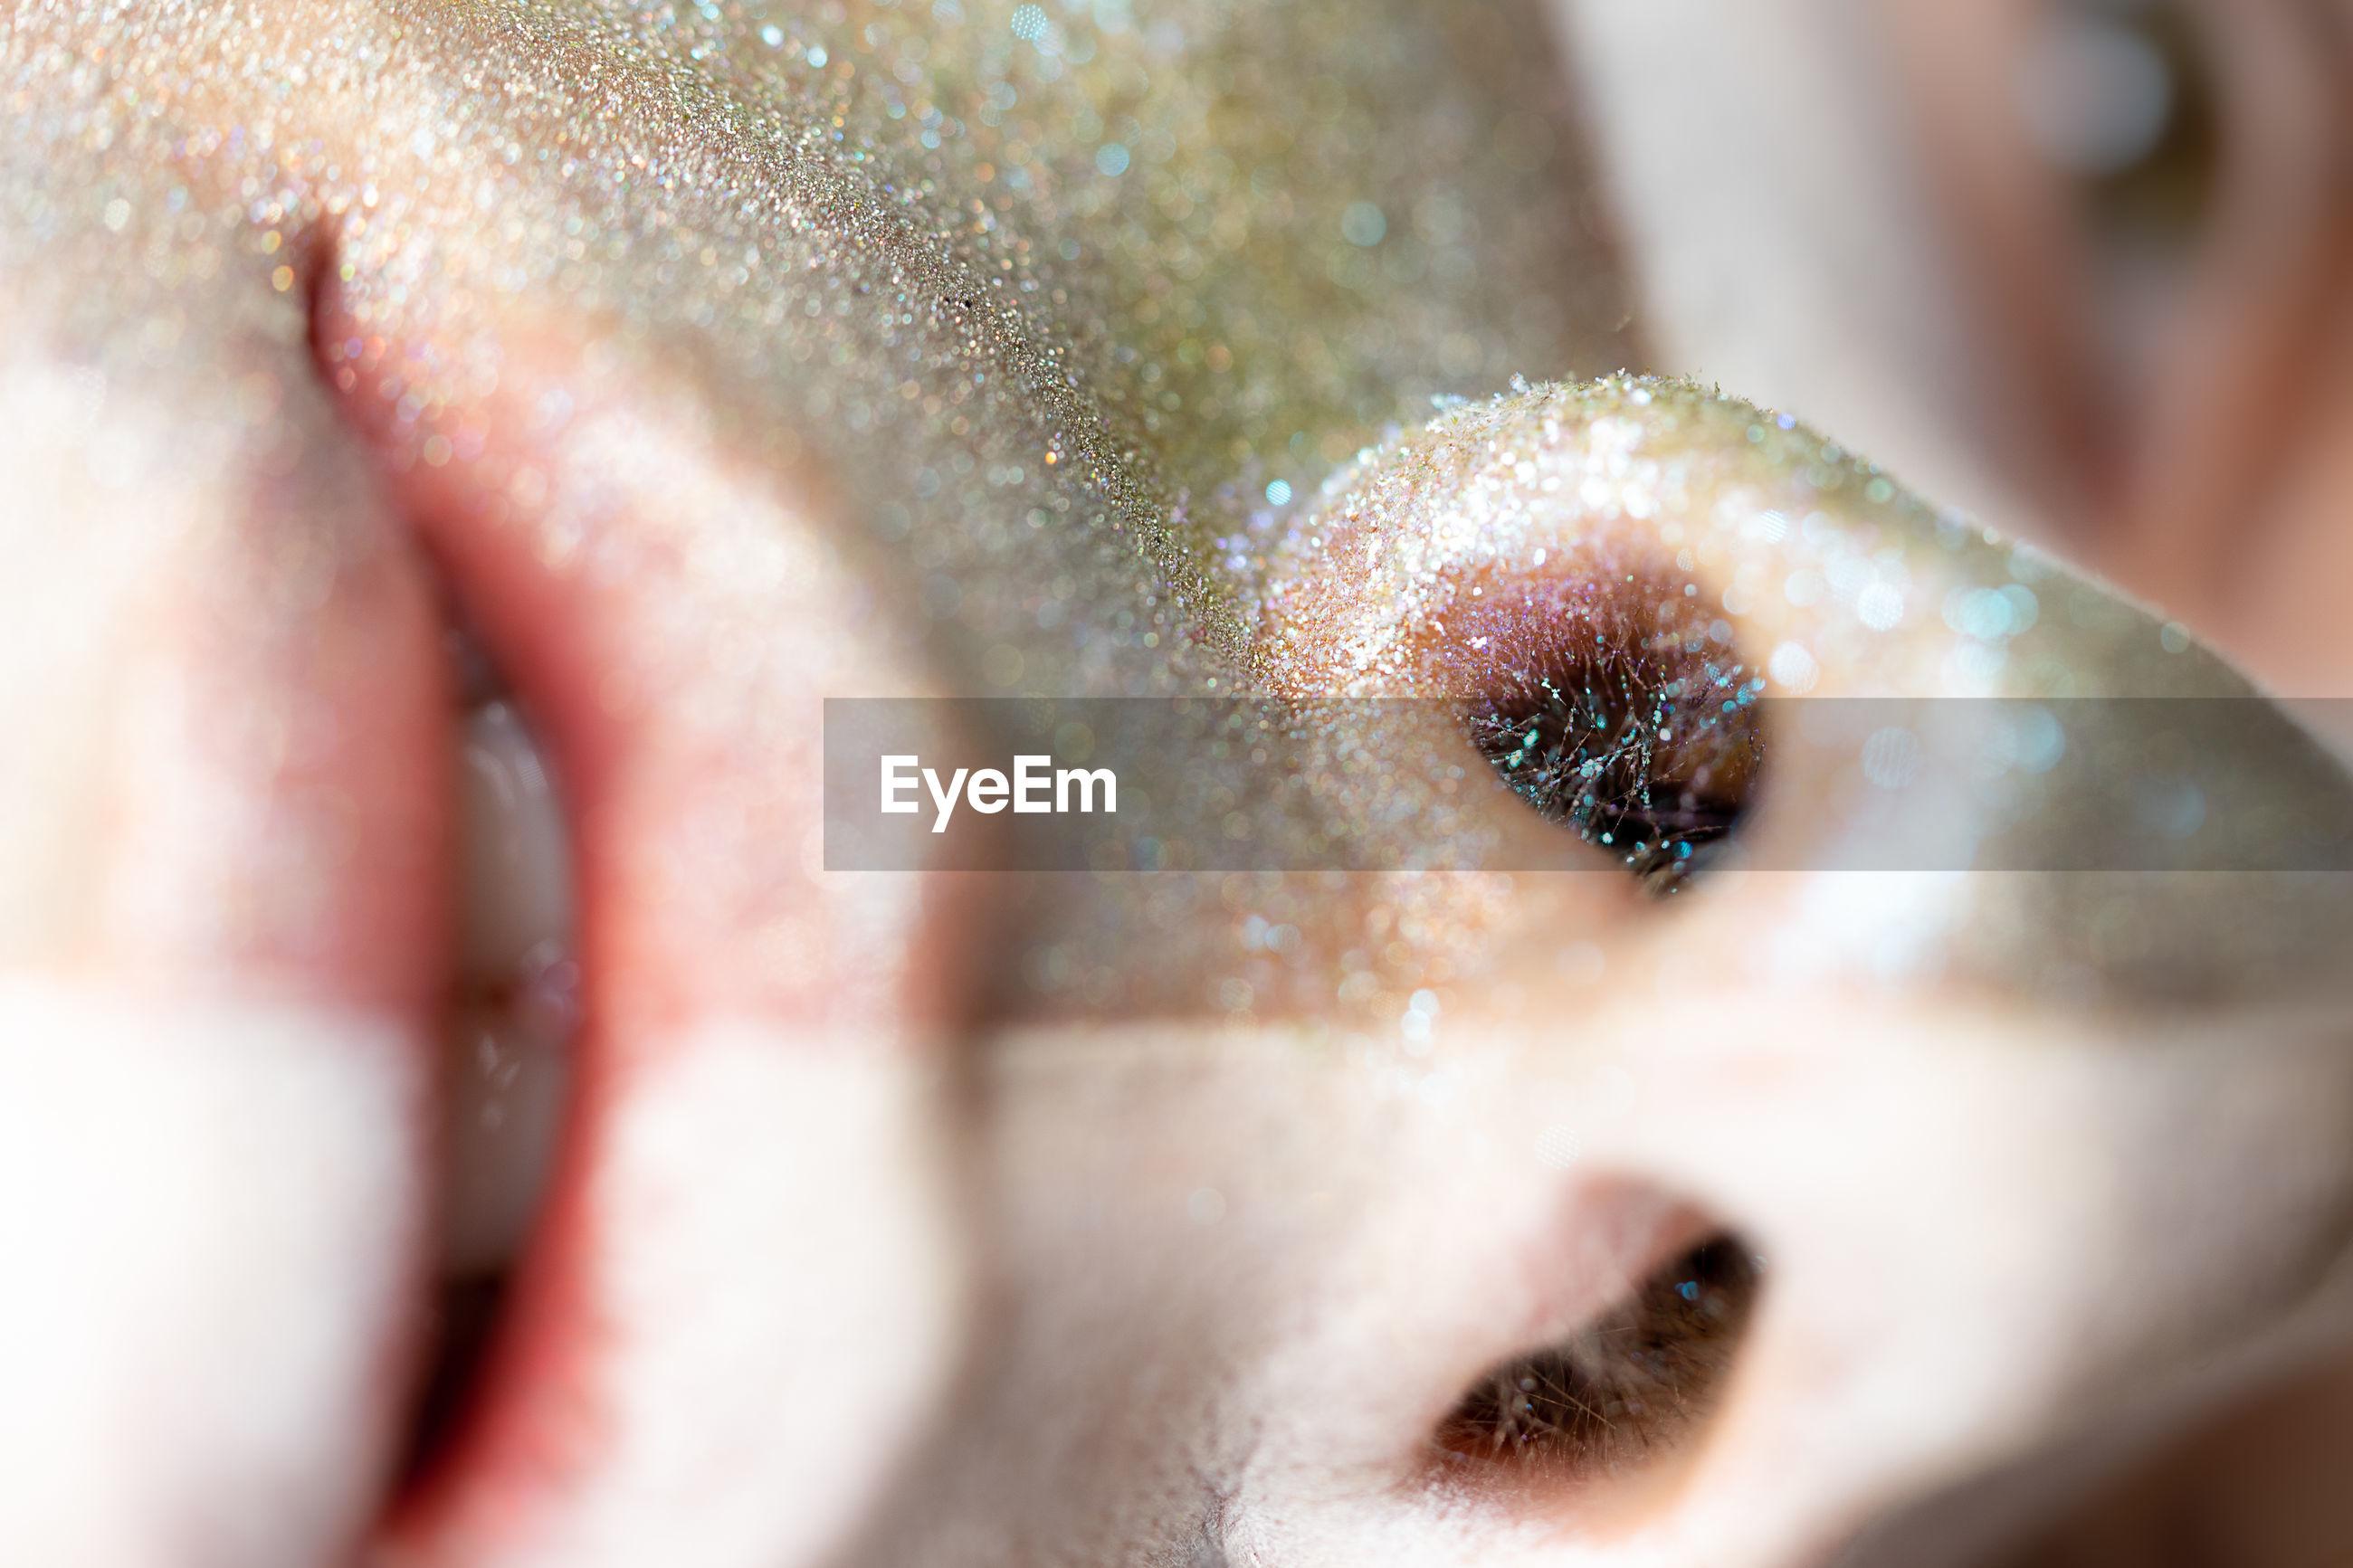 Close-up portrait of a man's nostrils